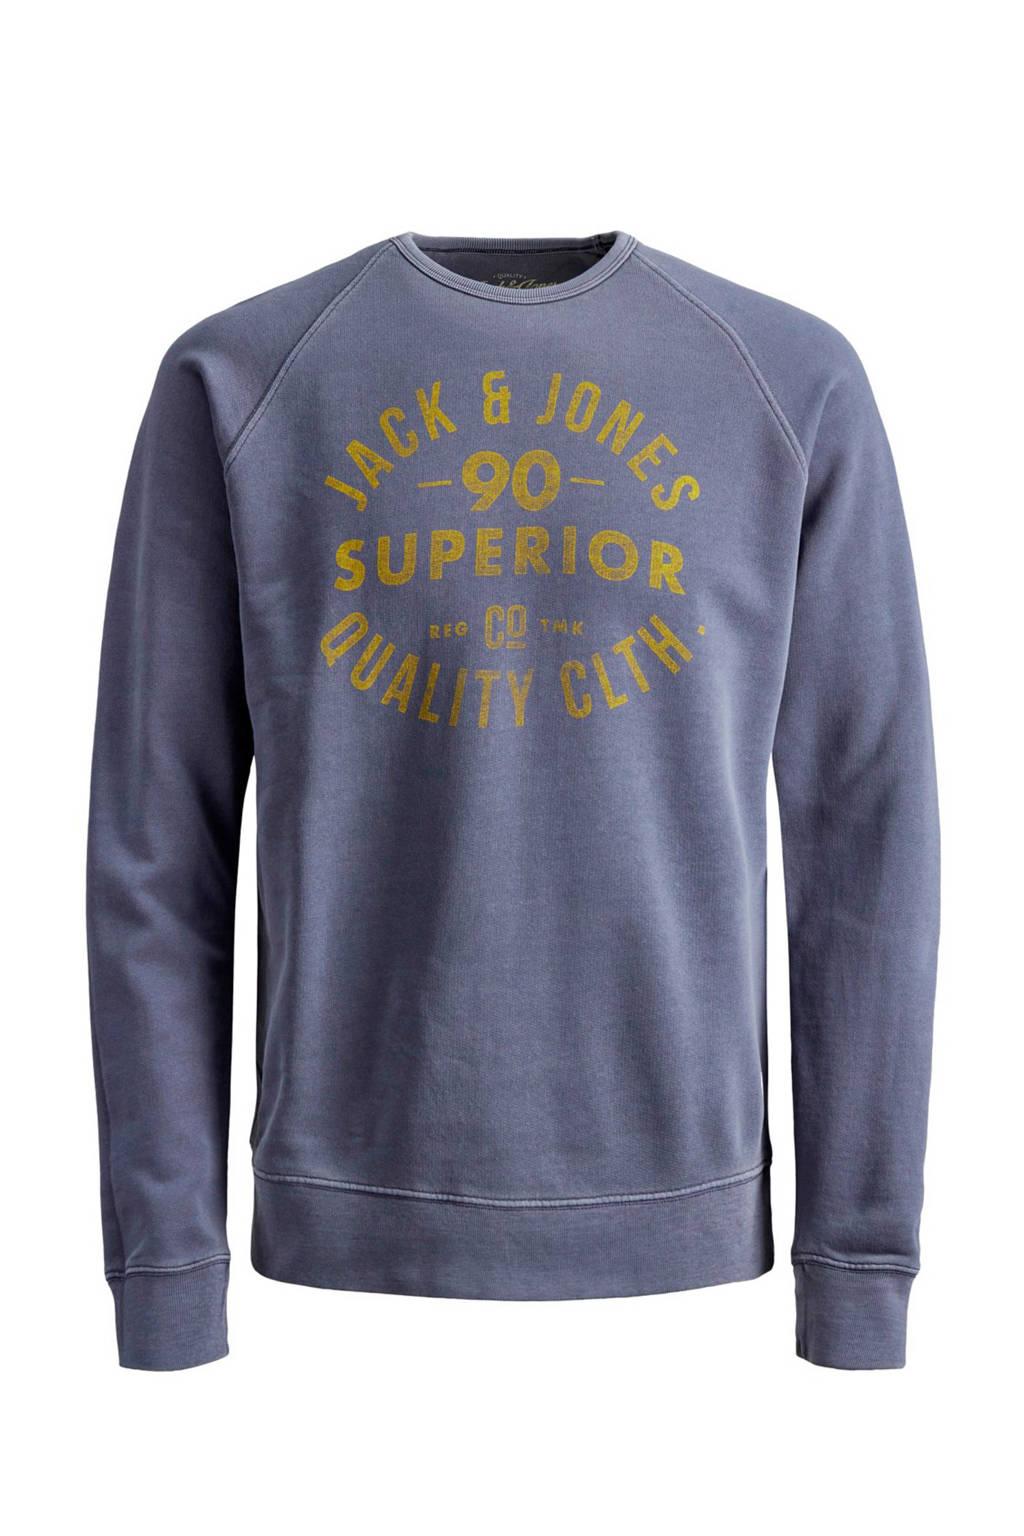 JACK & JONES ESSENTIALS sweater met logo donkerblauw, Donkerblauw